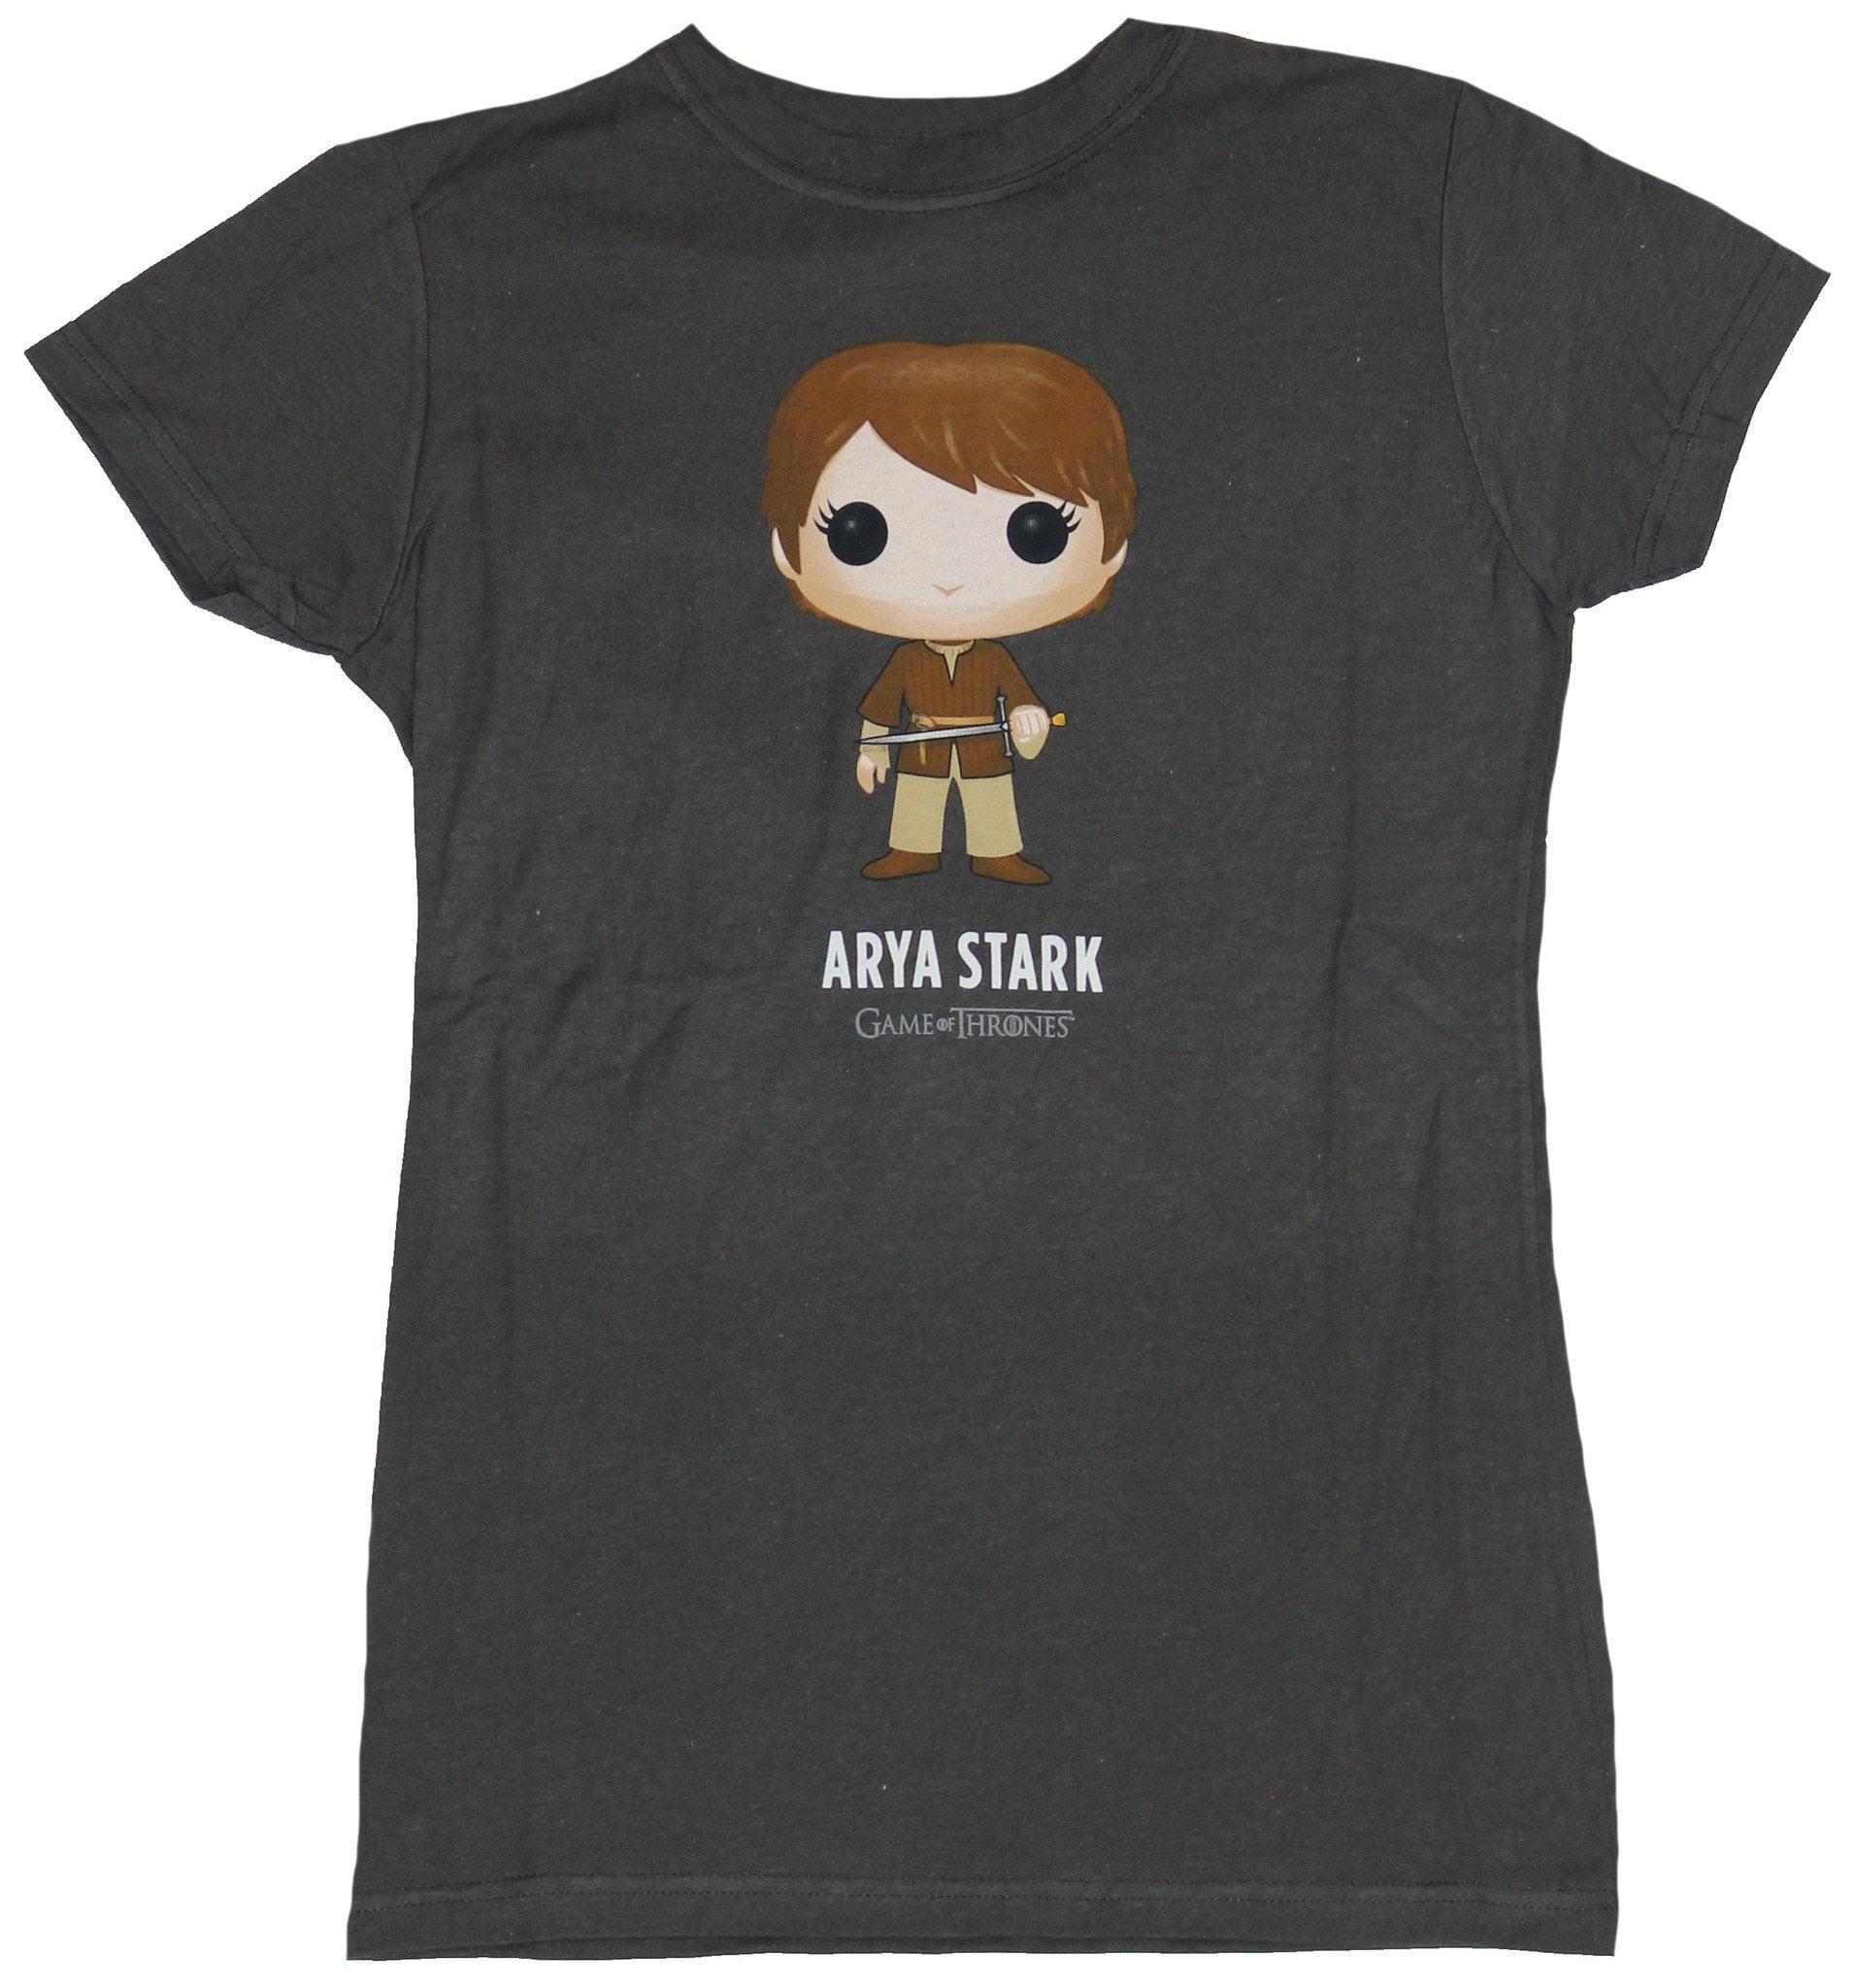 Game of Thrones Girls Juniors T-Shirt - Arya Stark Funko Pop Image